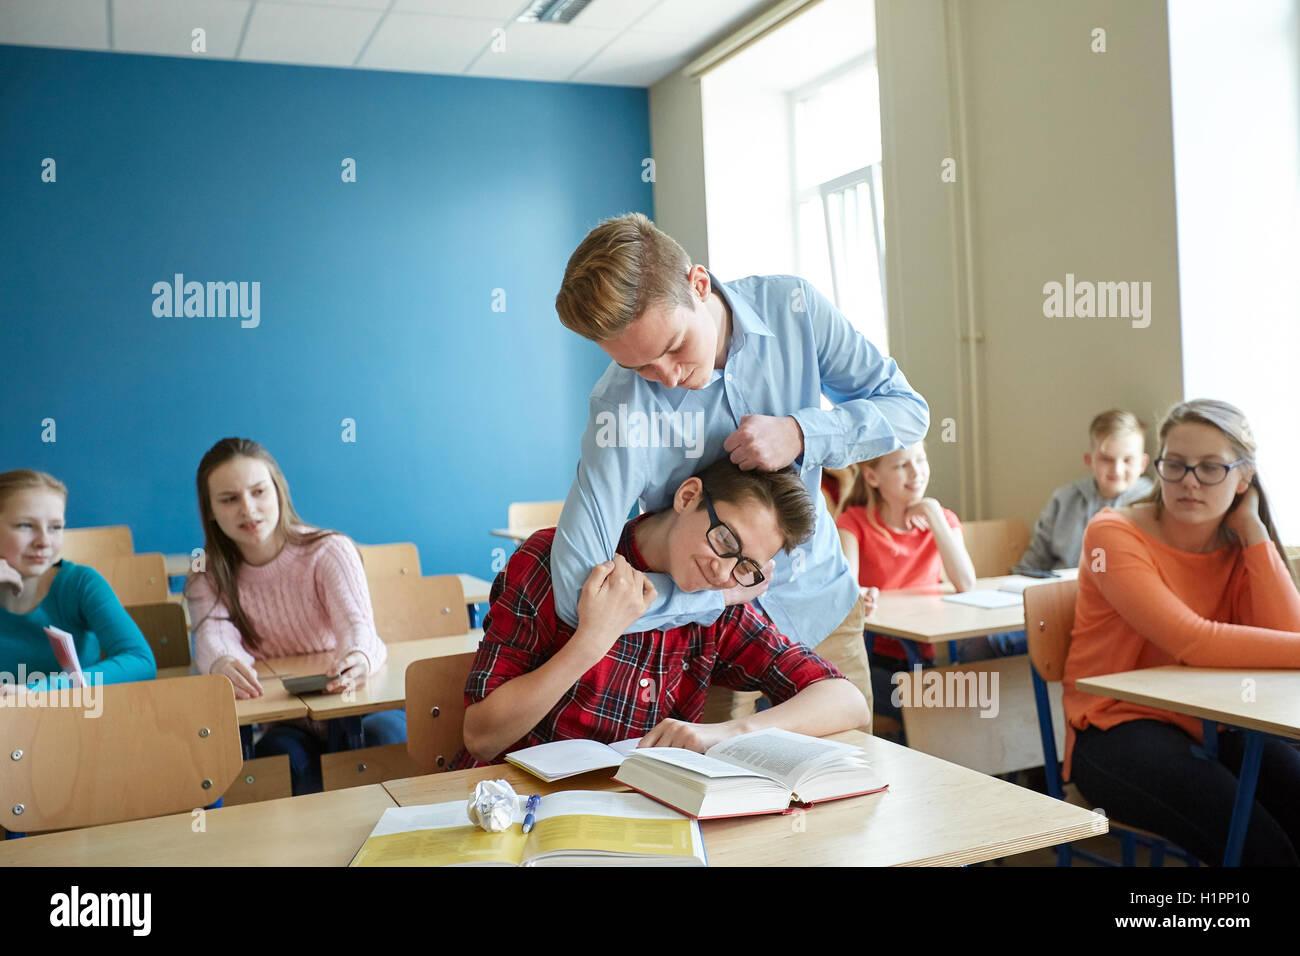 Studente ragazzo malato di classmate beffa Immagini Stock